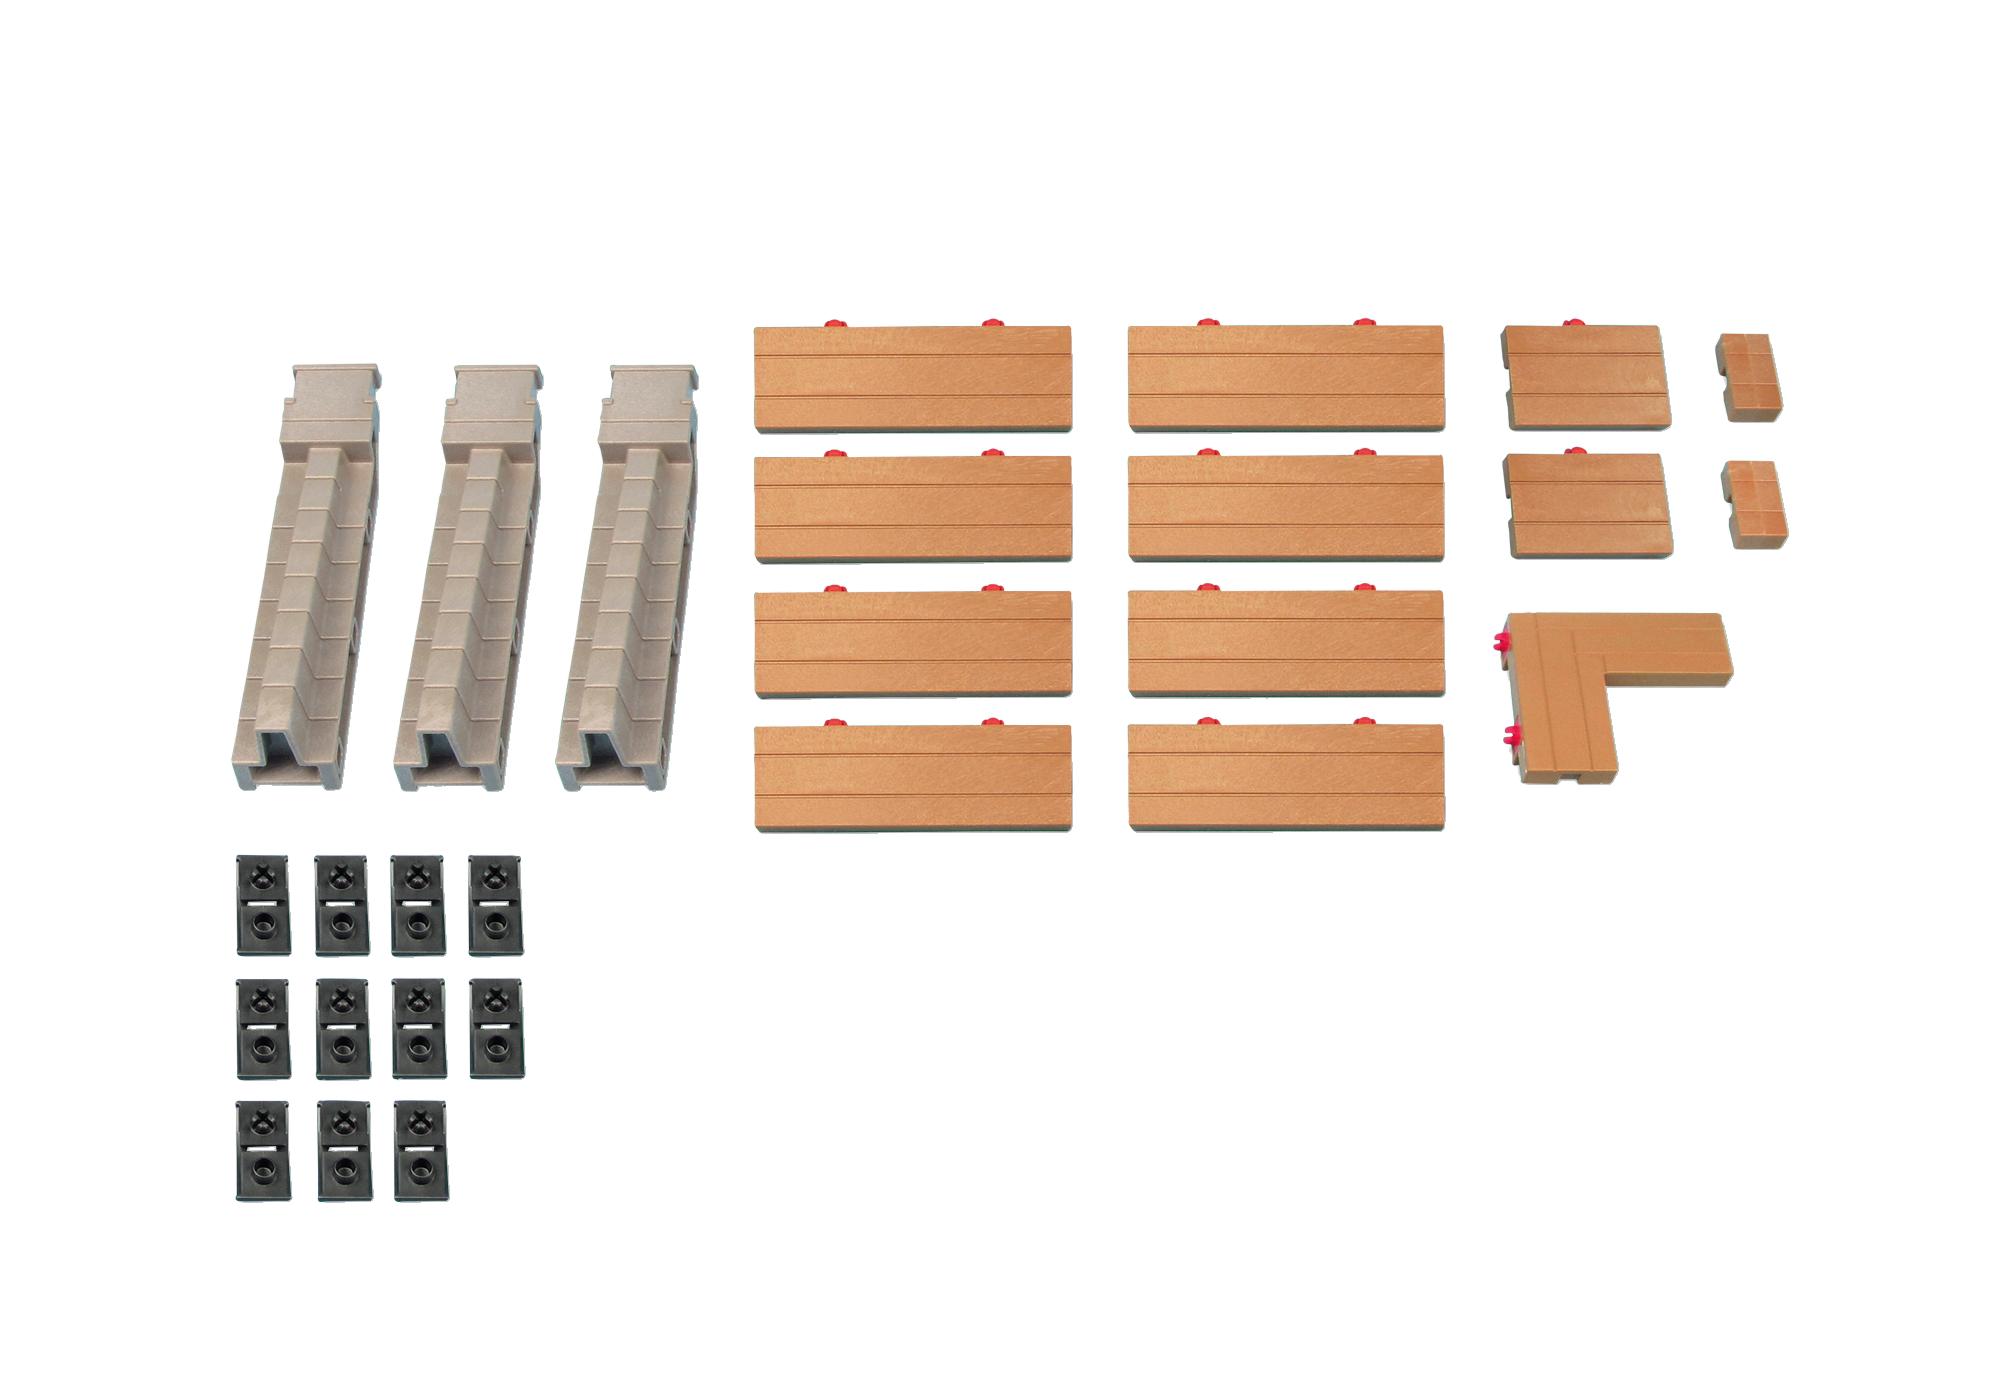 http://media.playmobil.com/i/playmobil/6372_product_detail/Muuraansluiting voor art 6000 en 6001 in de Knights speelwereld